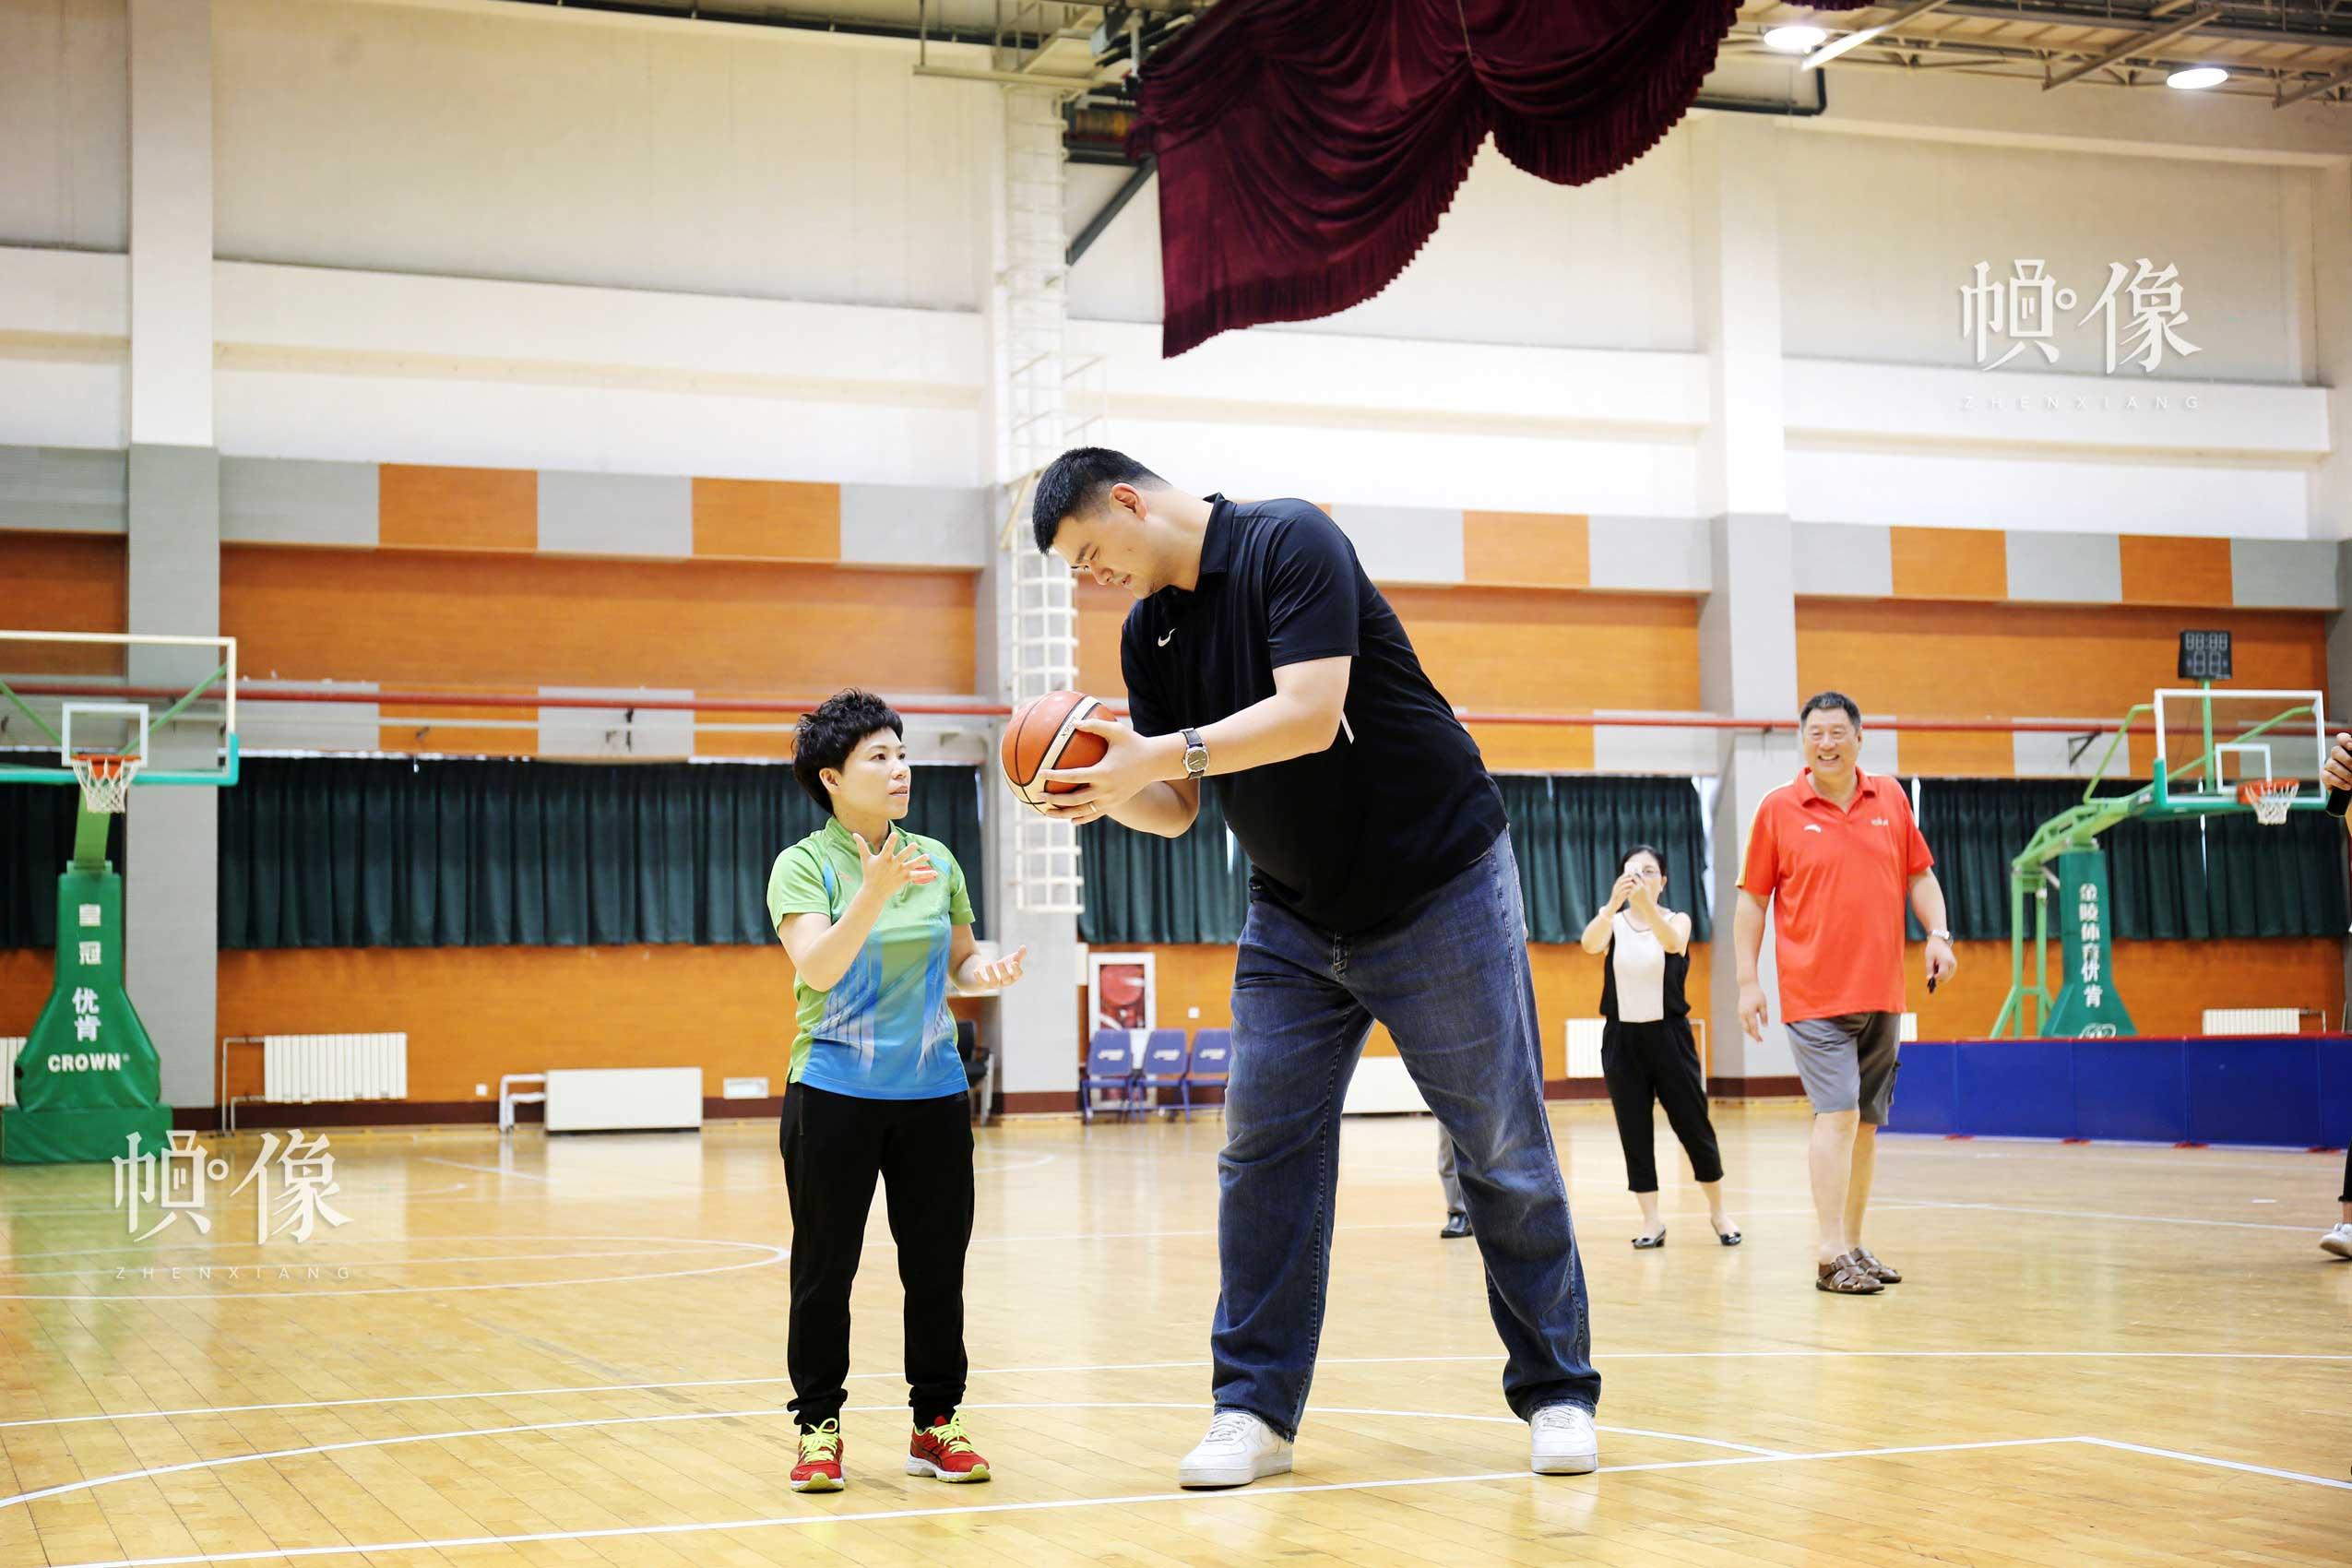 2017年8月10日,第七届残疾人健身周推广日活动在京举行。图为姚明和邓亚萍投篮互动。中国网记者 王梦泽 摄